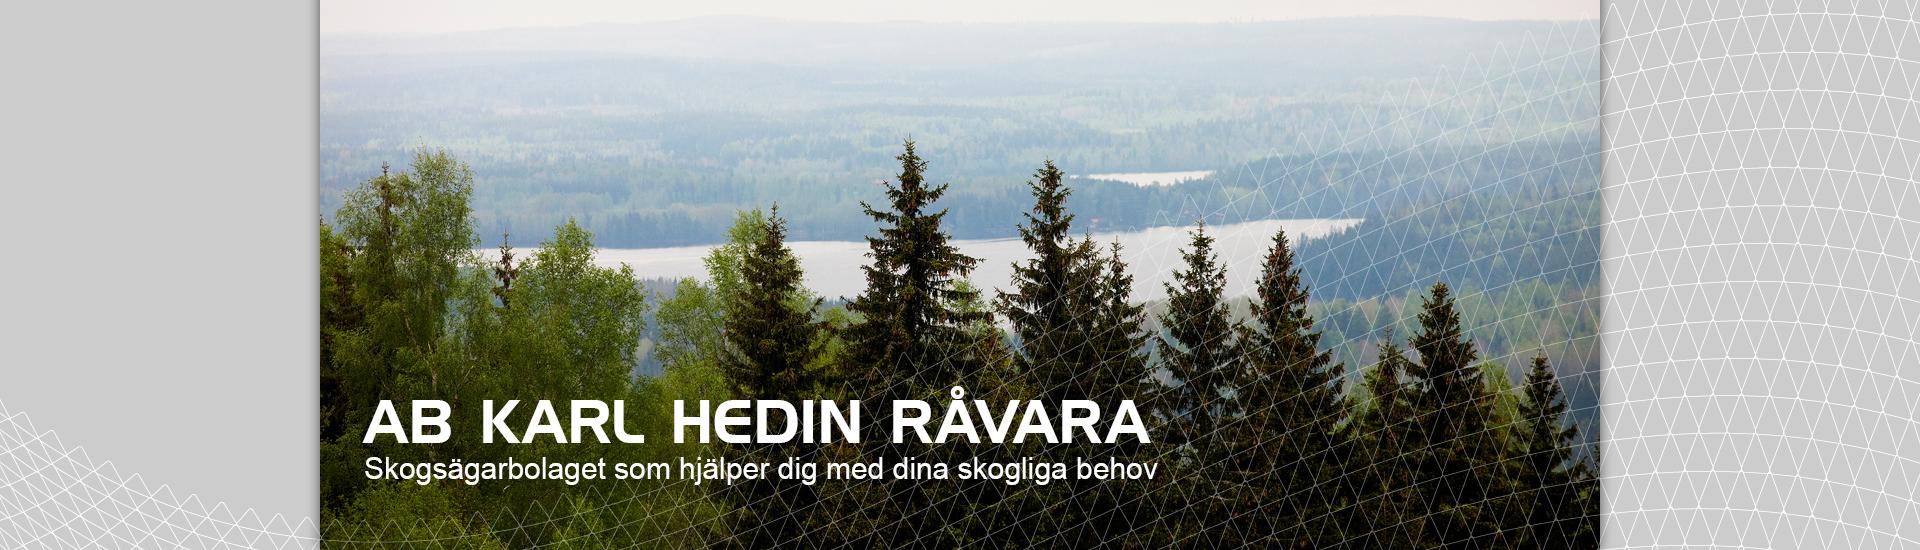 ABKH Råvara